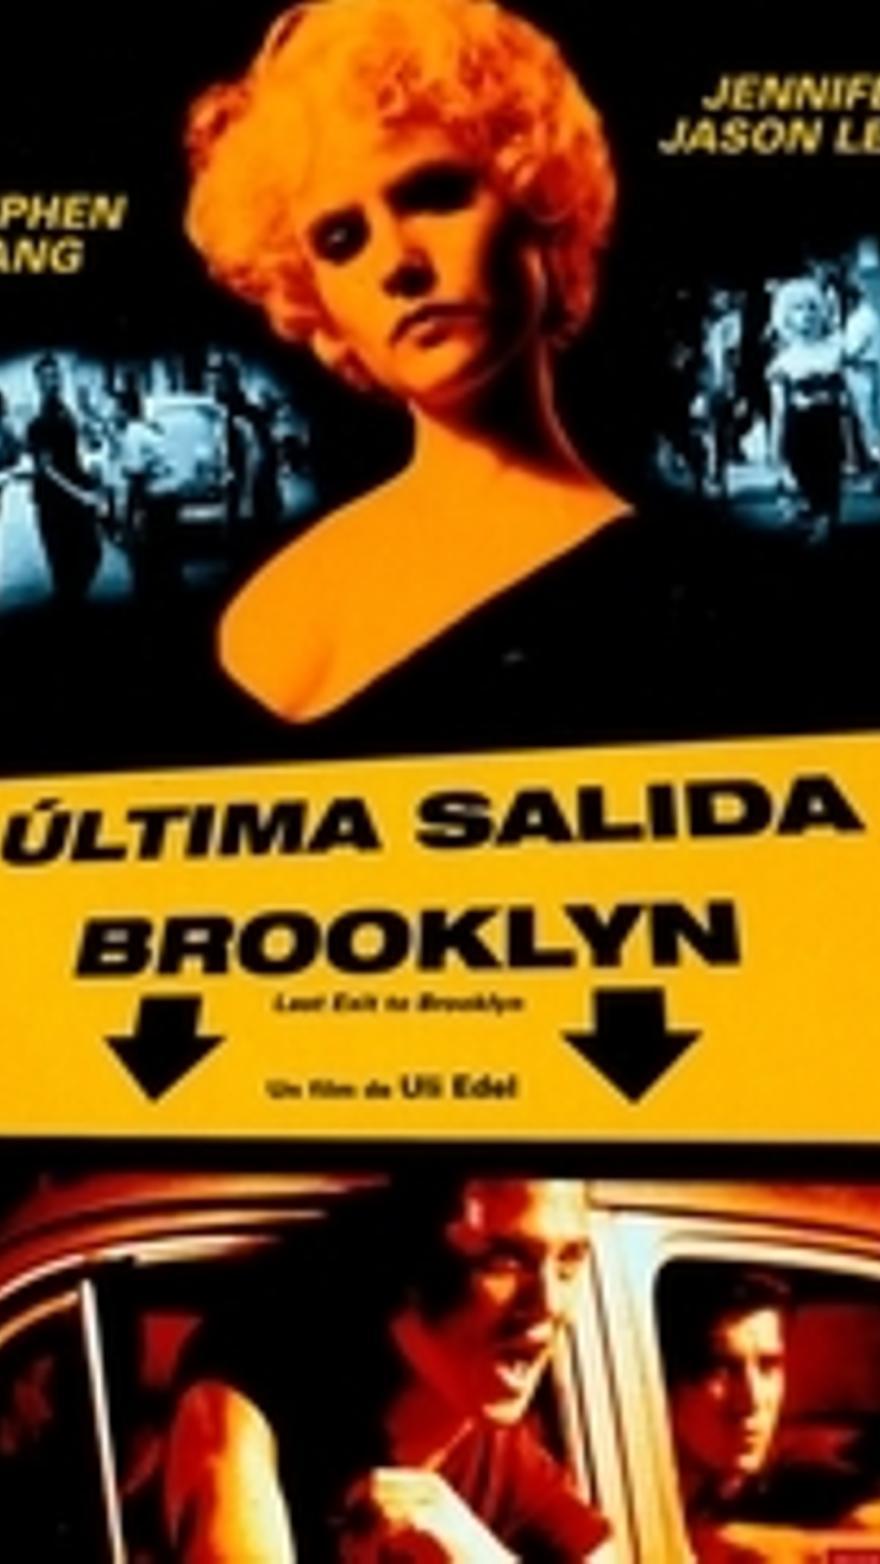 Última salida Brooklyn